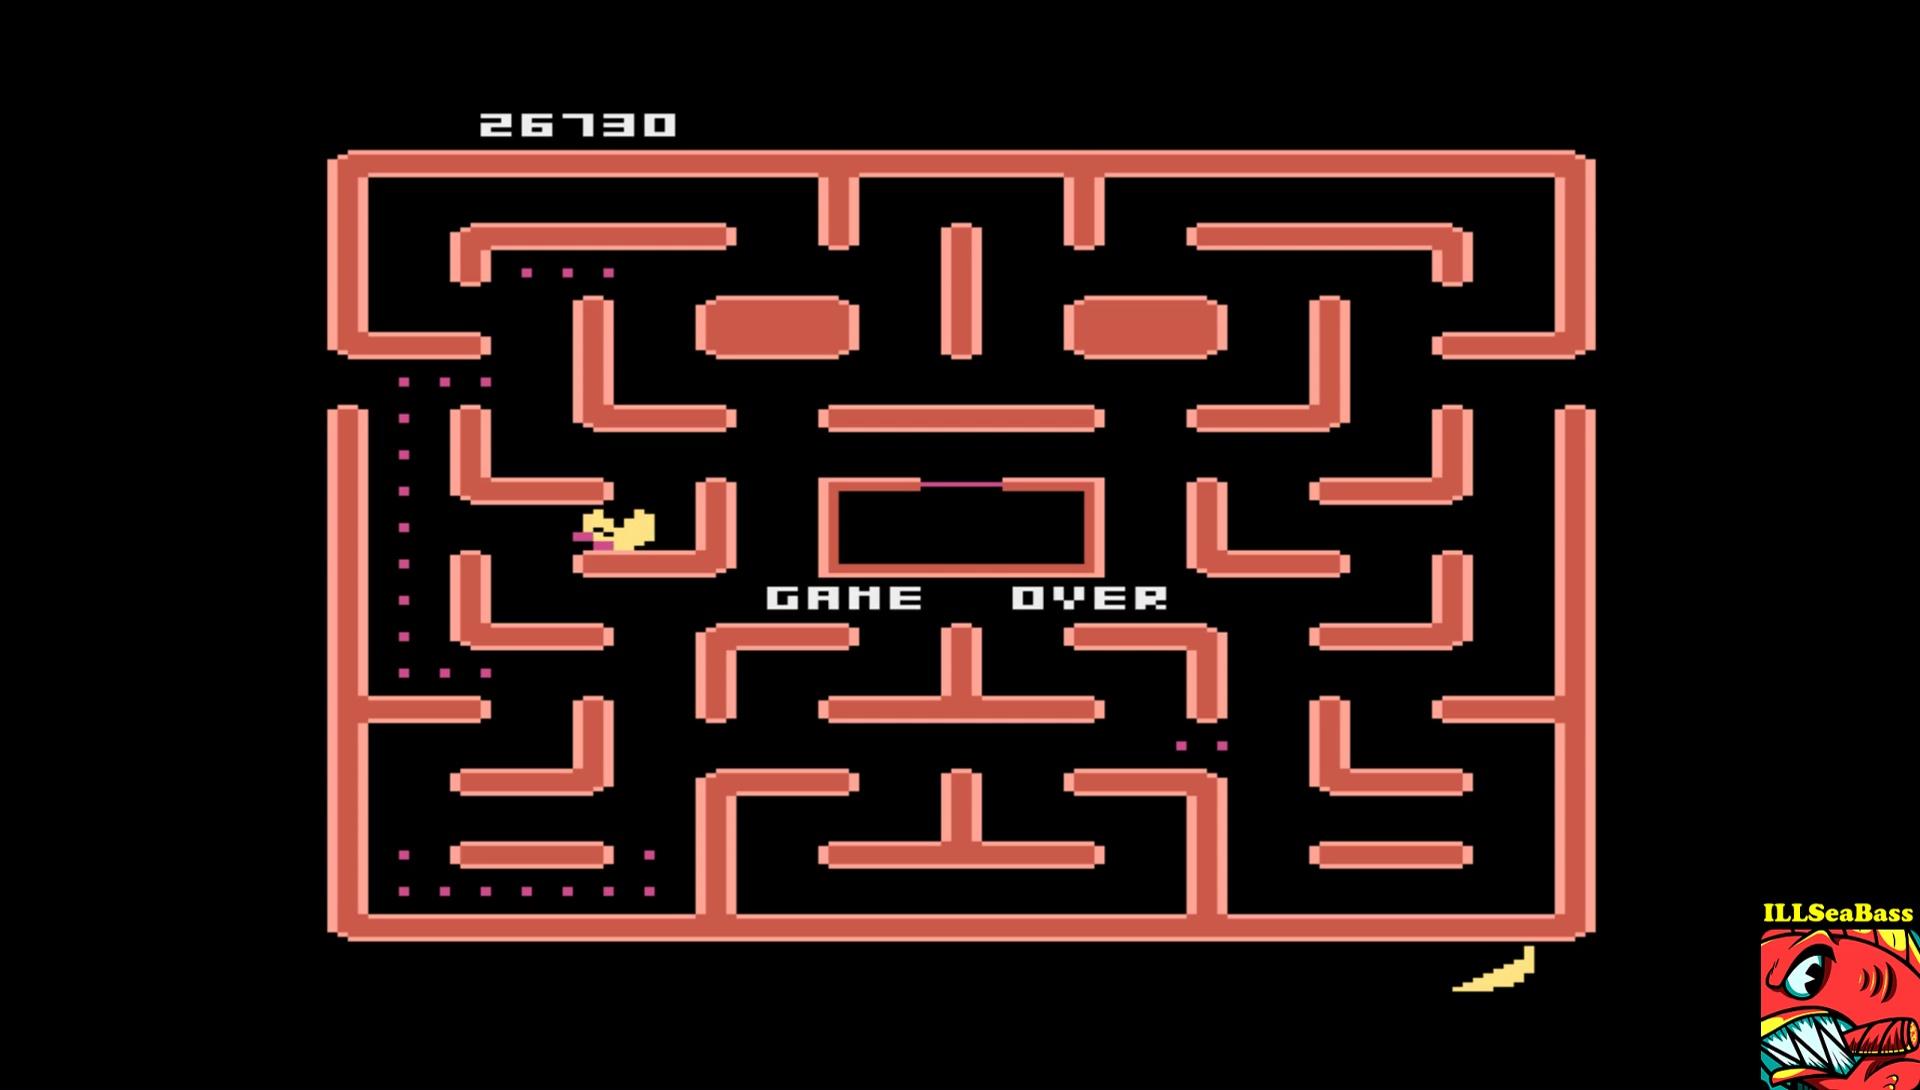 ILLSeaBass: Ms. Pac-Man [Apple Start] (Atari 400/800/XL/XE Emulated) 26,370 points on 2017-02-05 19:38:27